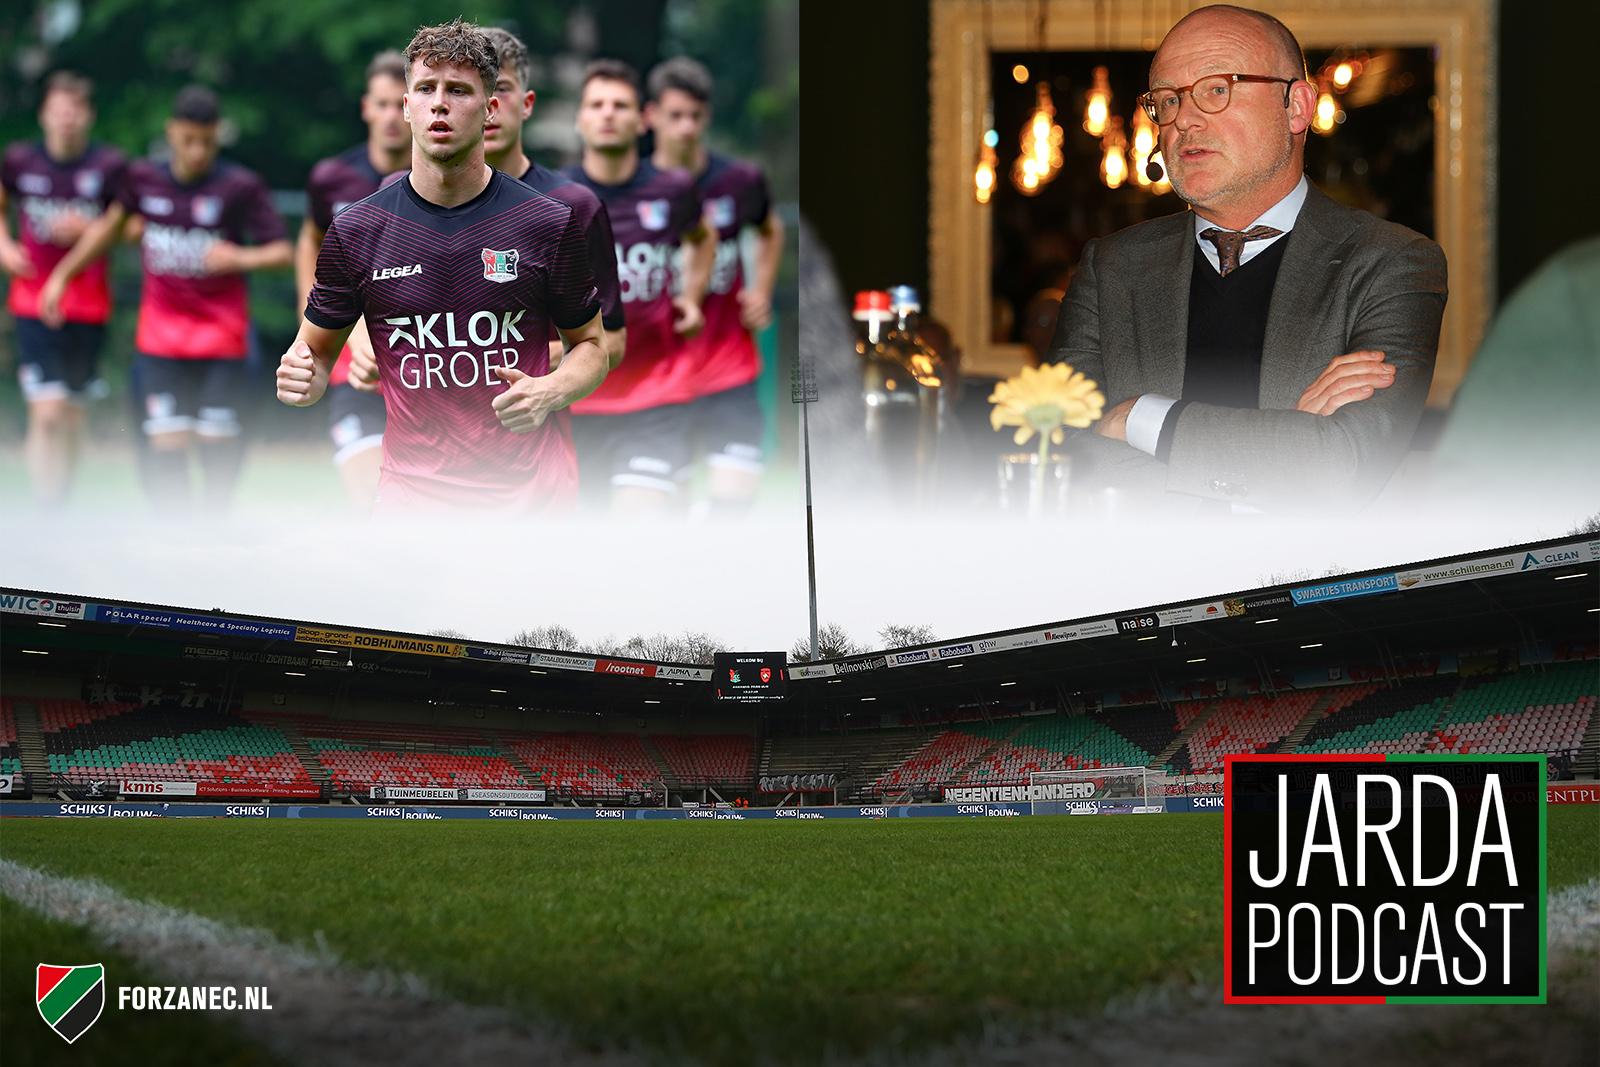 Jarda Podcast #39: NEC in coronatijd en bellen met Wilco van Schaik